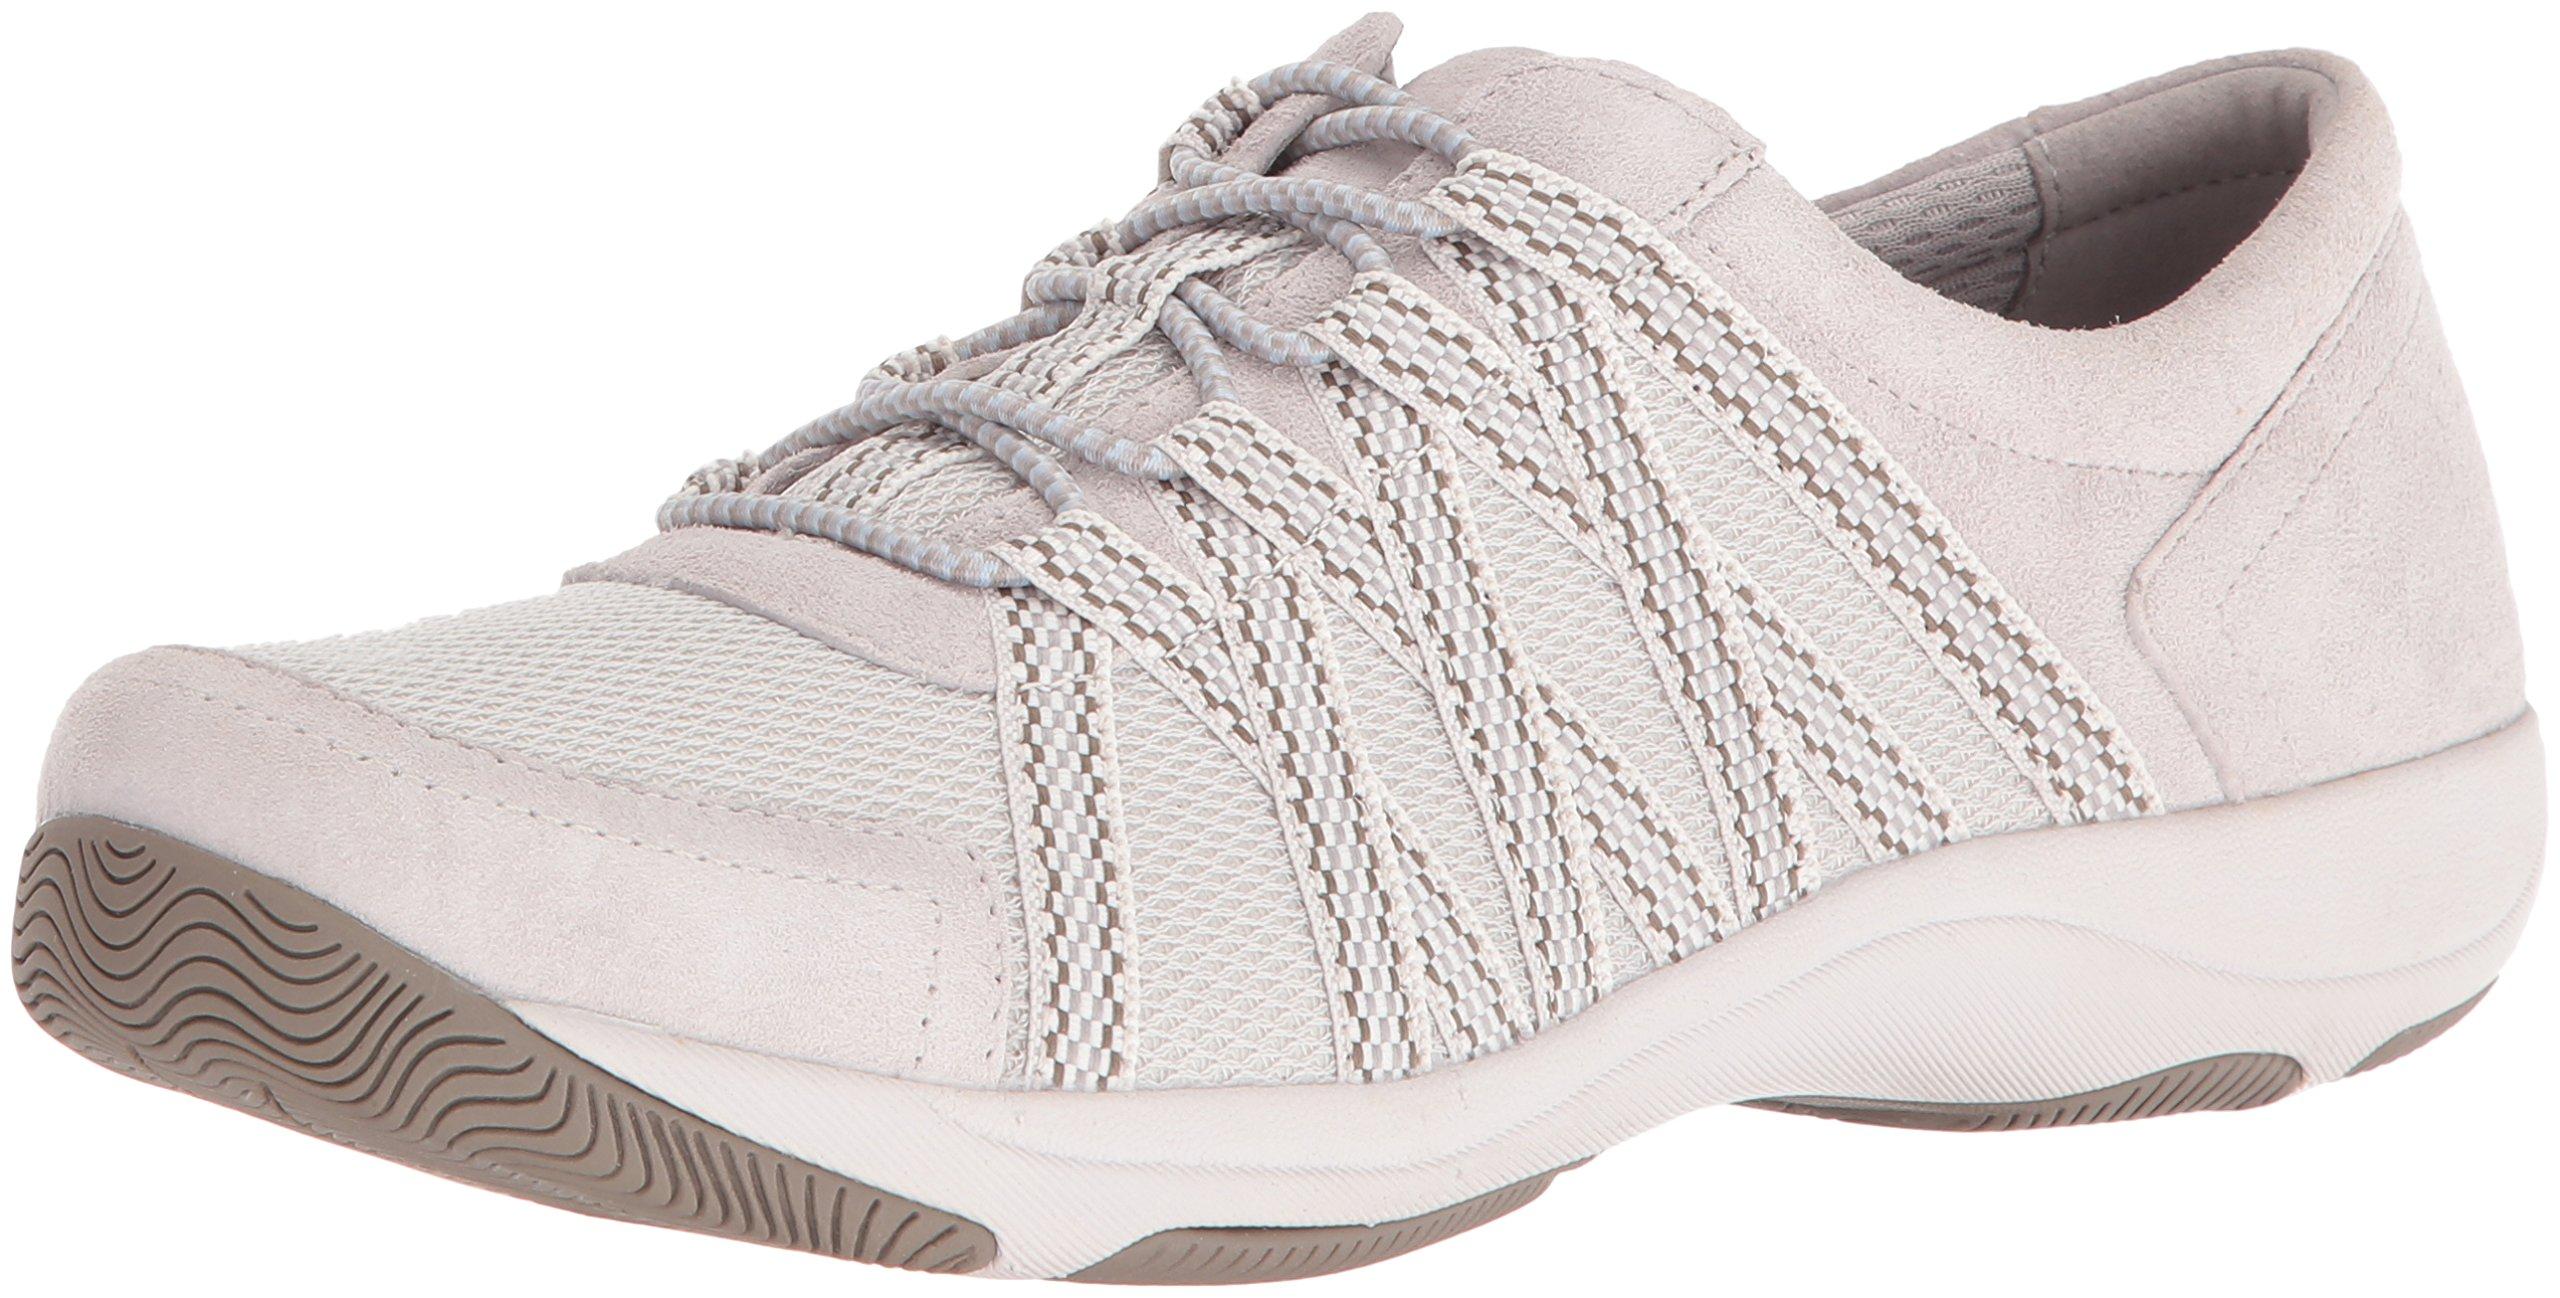 Dansko Women's Honor Fashion Sneaker, Ivory Suede, 36 EU/5.5-6 M US